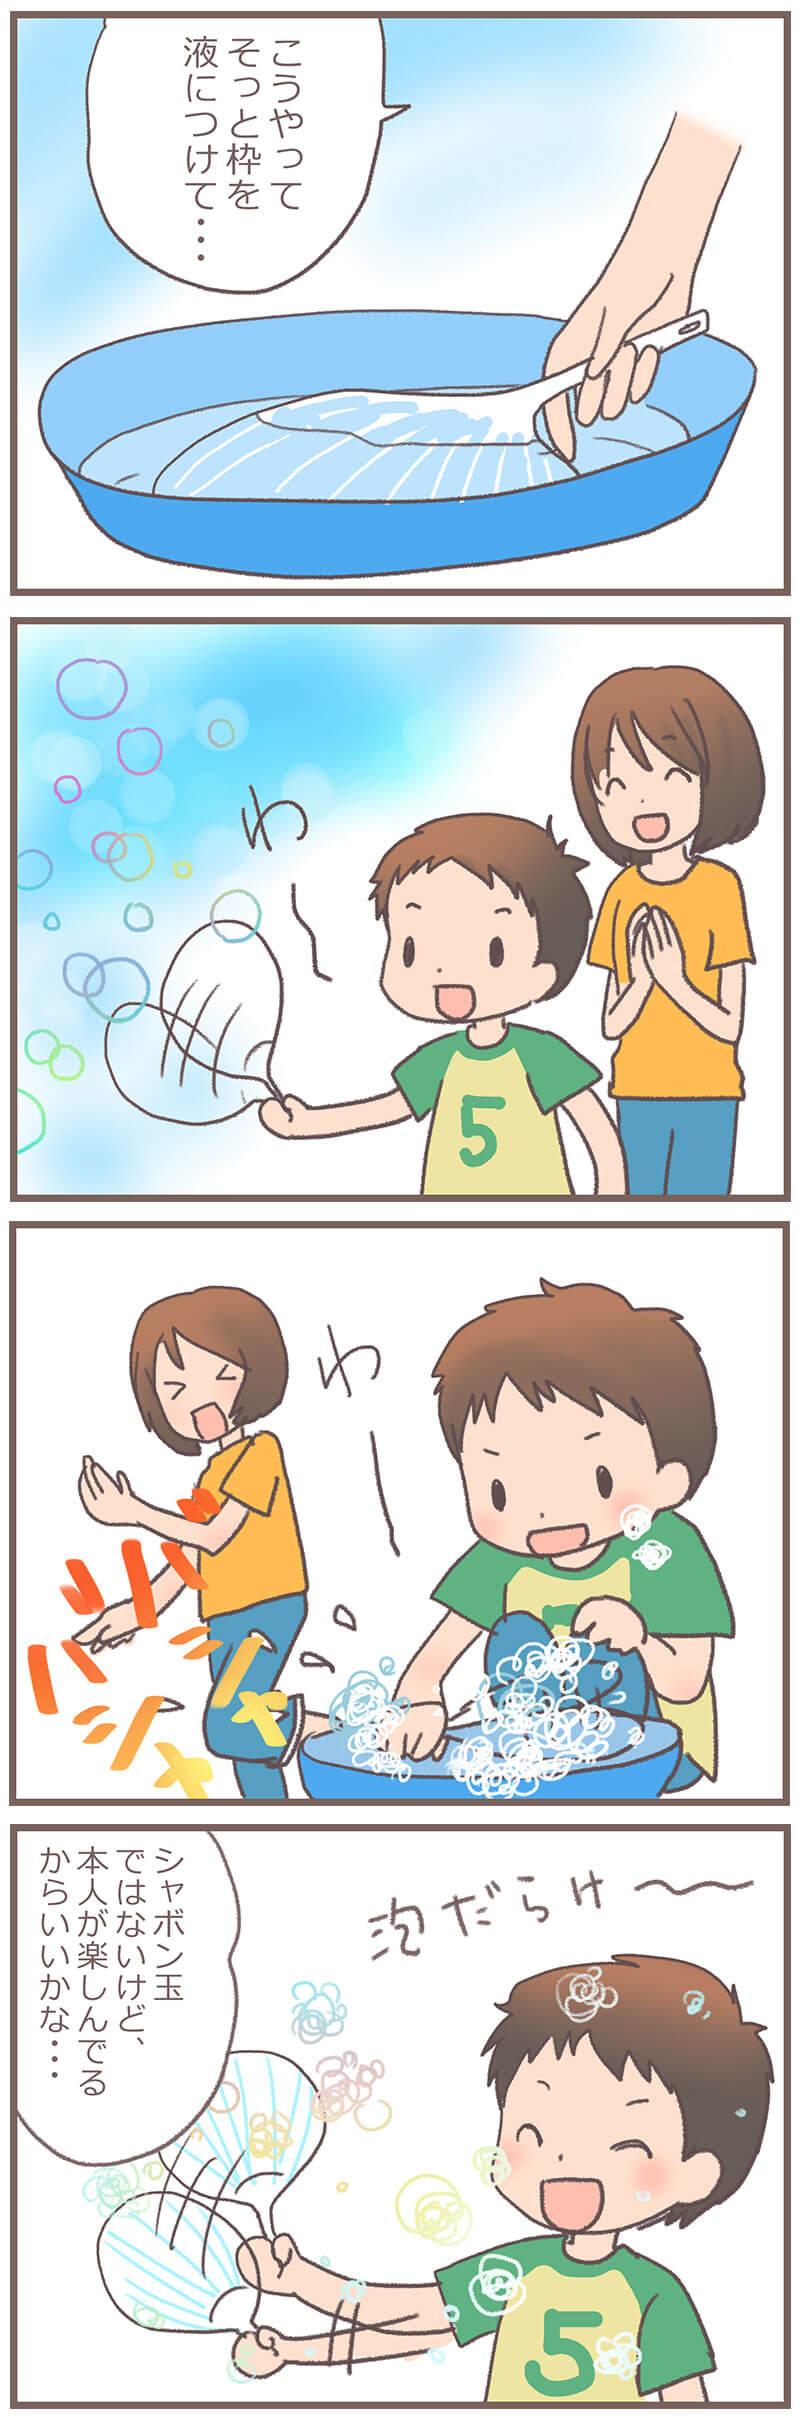 シャボン玉の作り方の子育て4コマ漫画